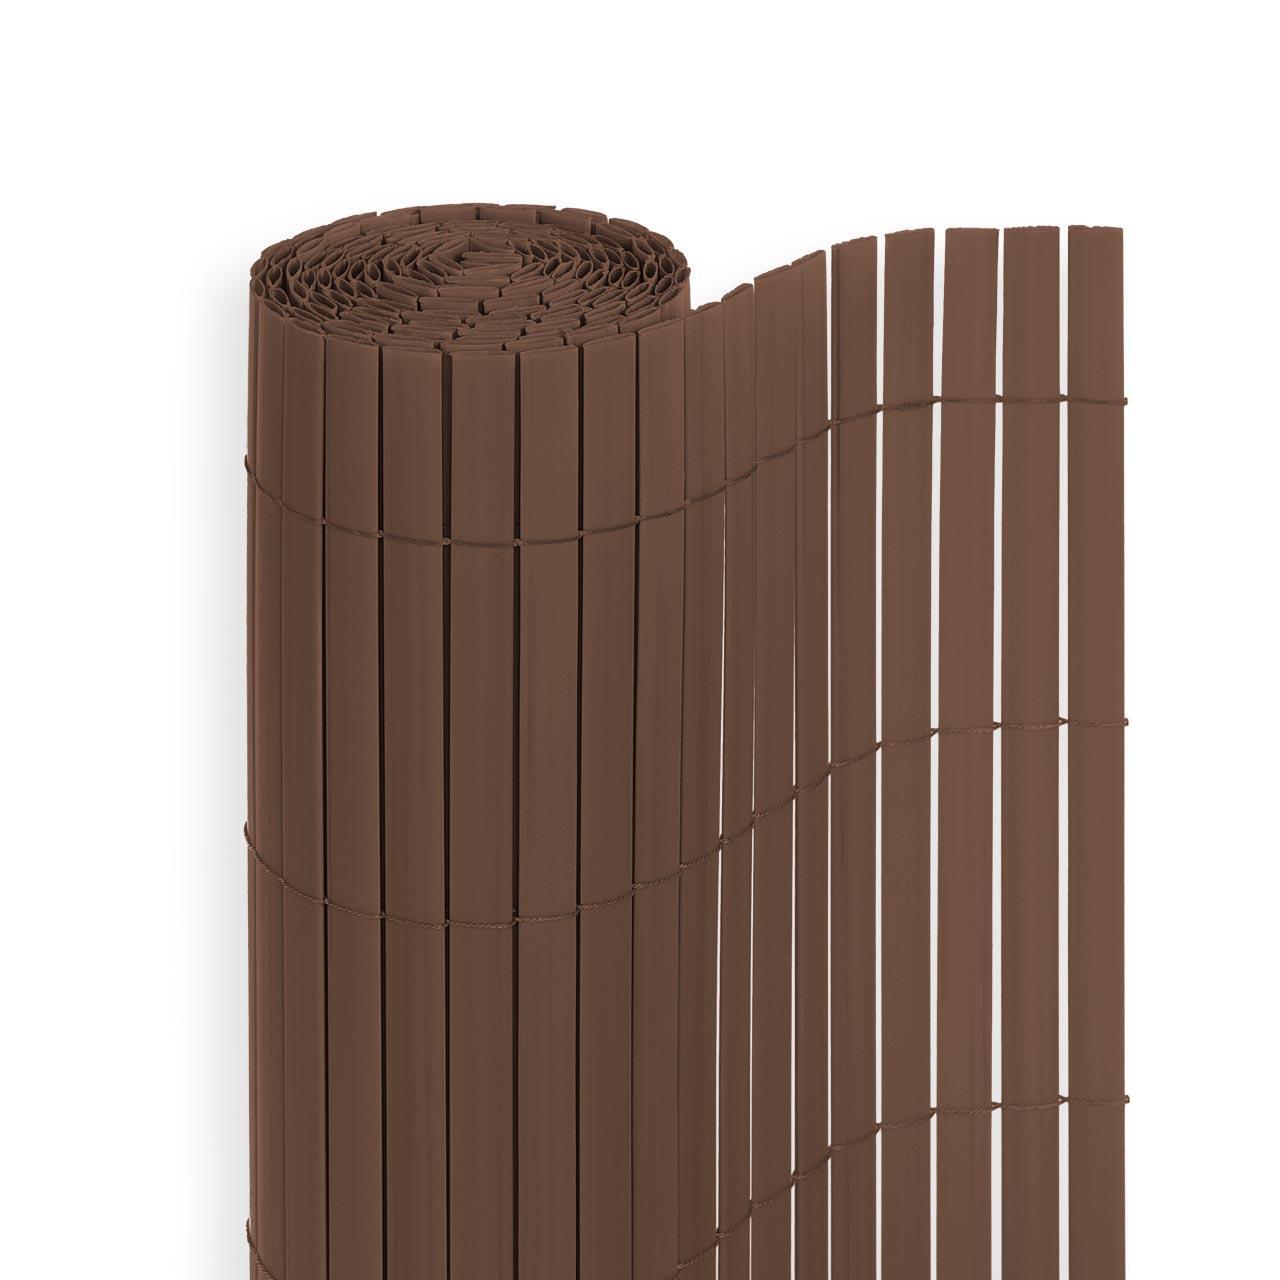 pvc sichtschutzmatte zaun windschutz balkon markise blende vers gr en braun ebay. Black Bedroom Furniture Sets. Home Design Ideas